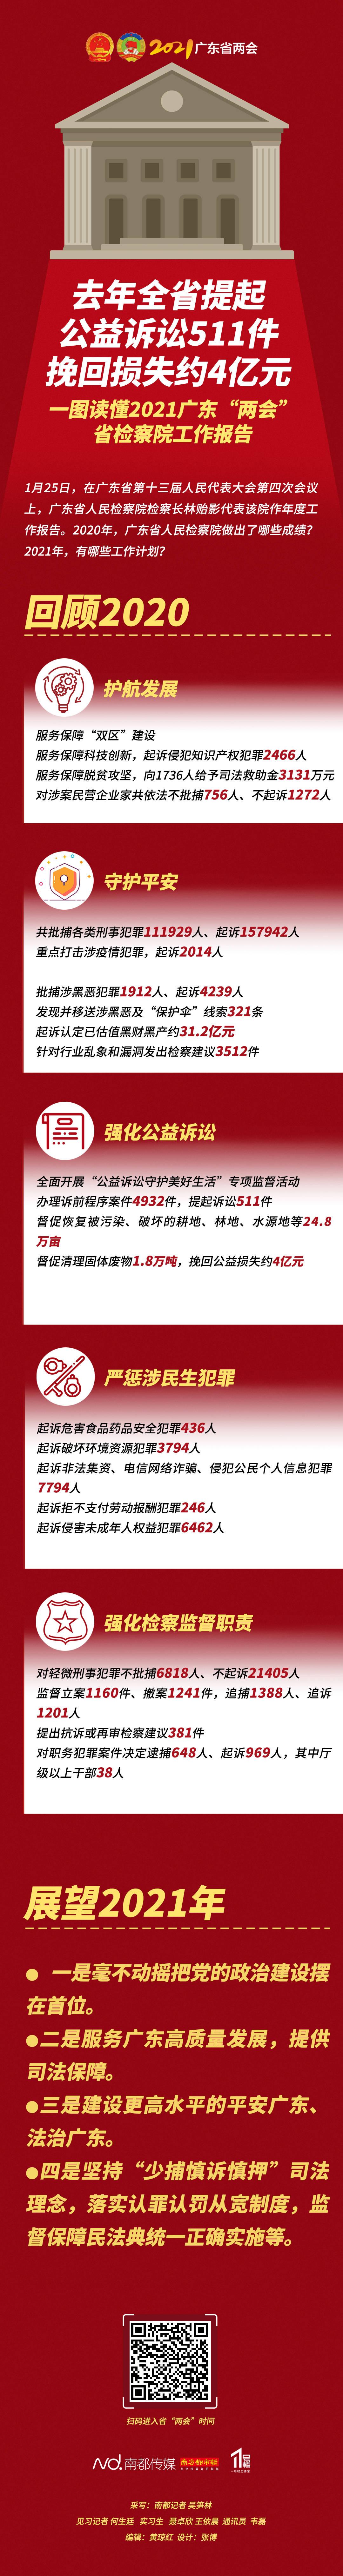 2020年广东省起诉侵害未成年人权益犯罪6462人